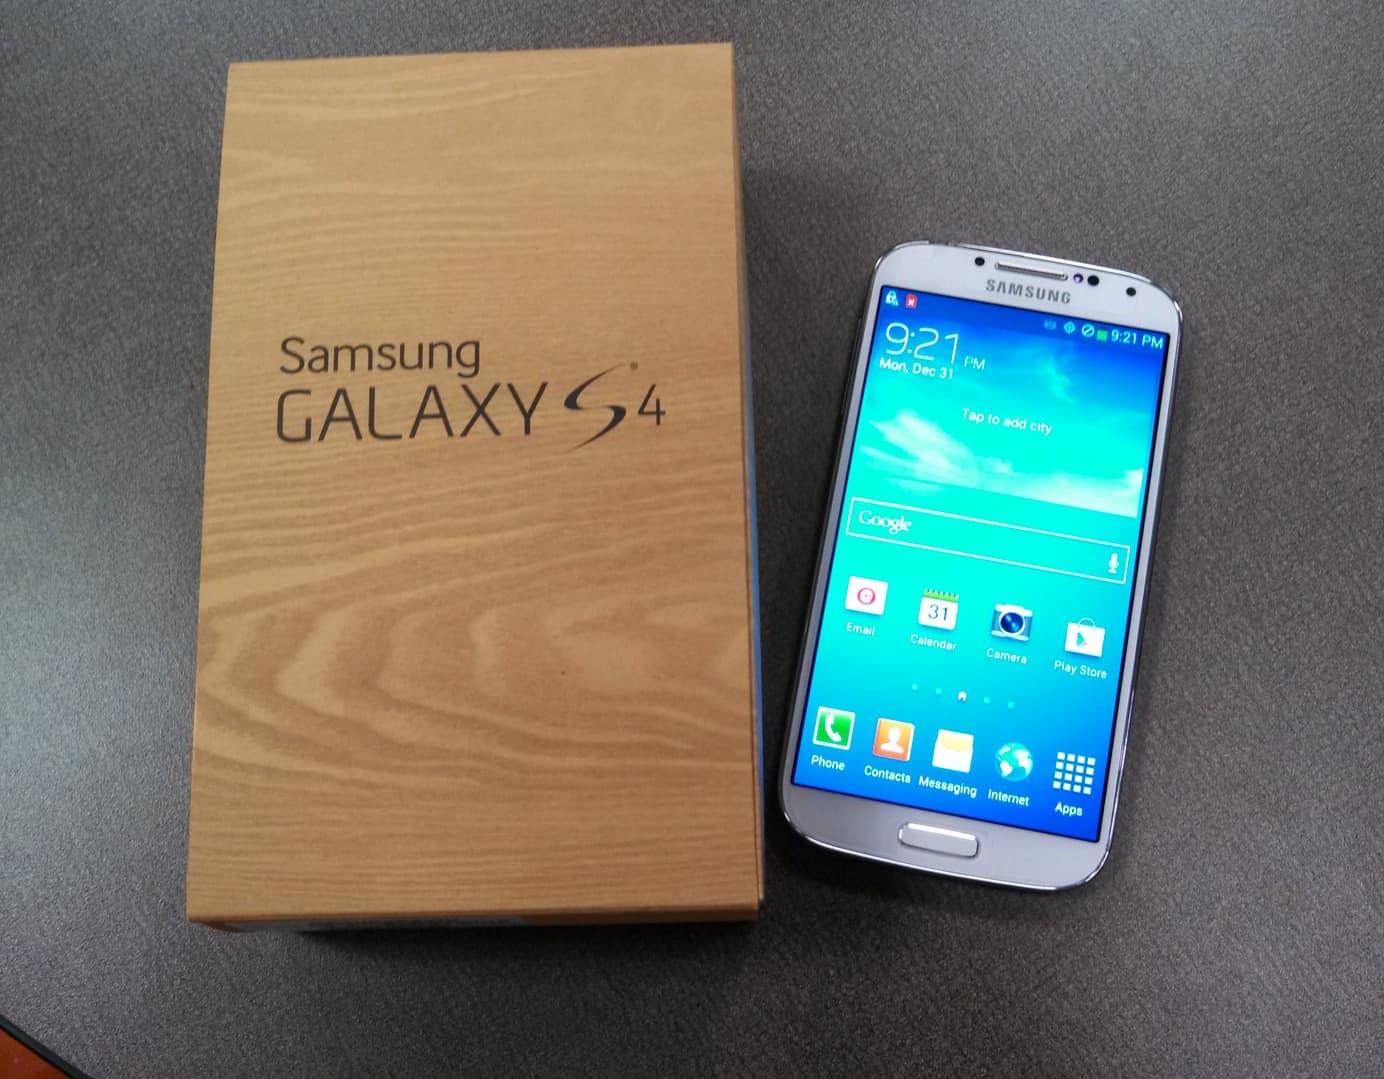 celulares-mais-vendidos-galaxys4